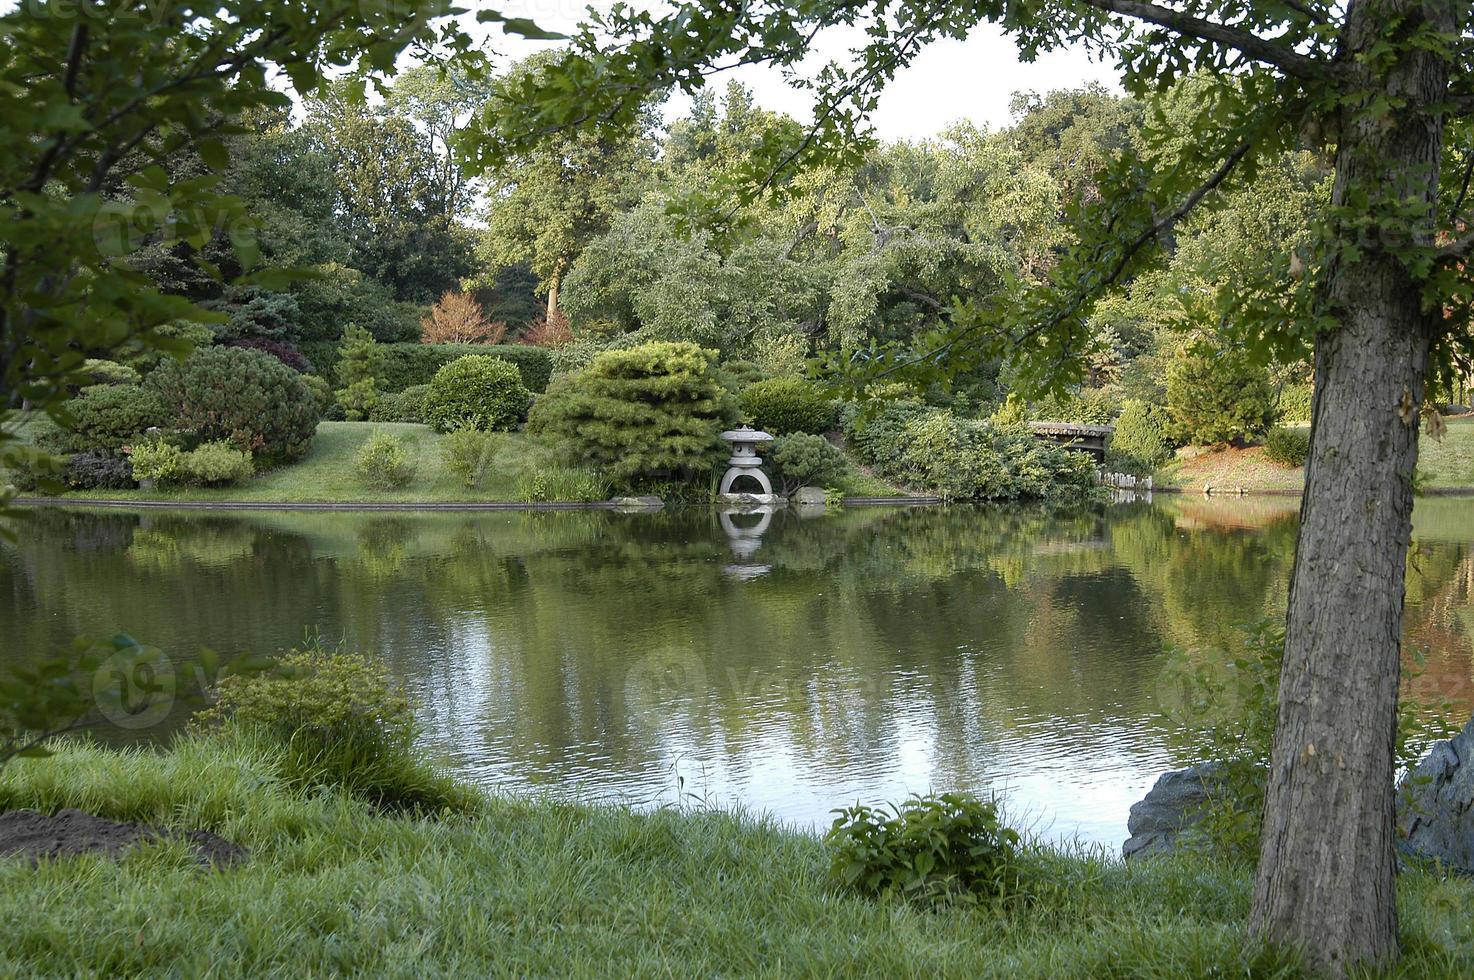 vue panoramique sur le jardin japonais lac no0531 photo